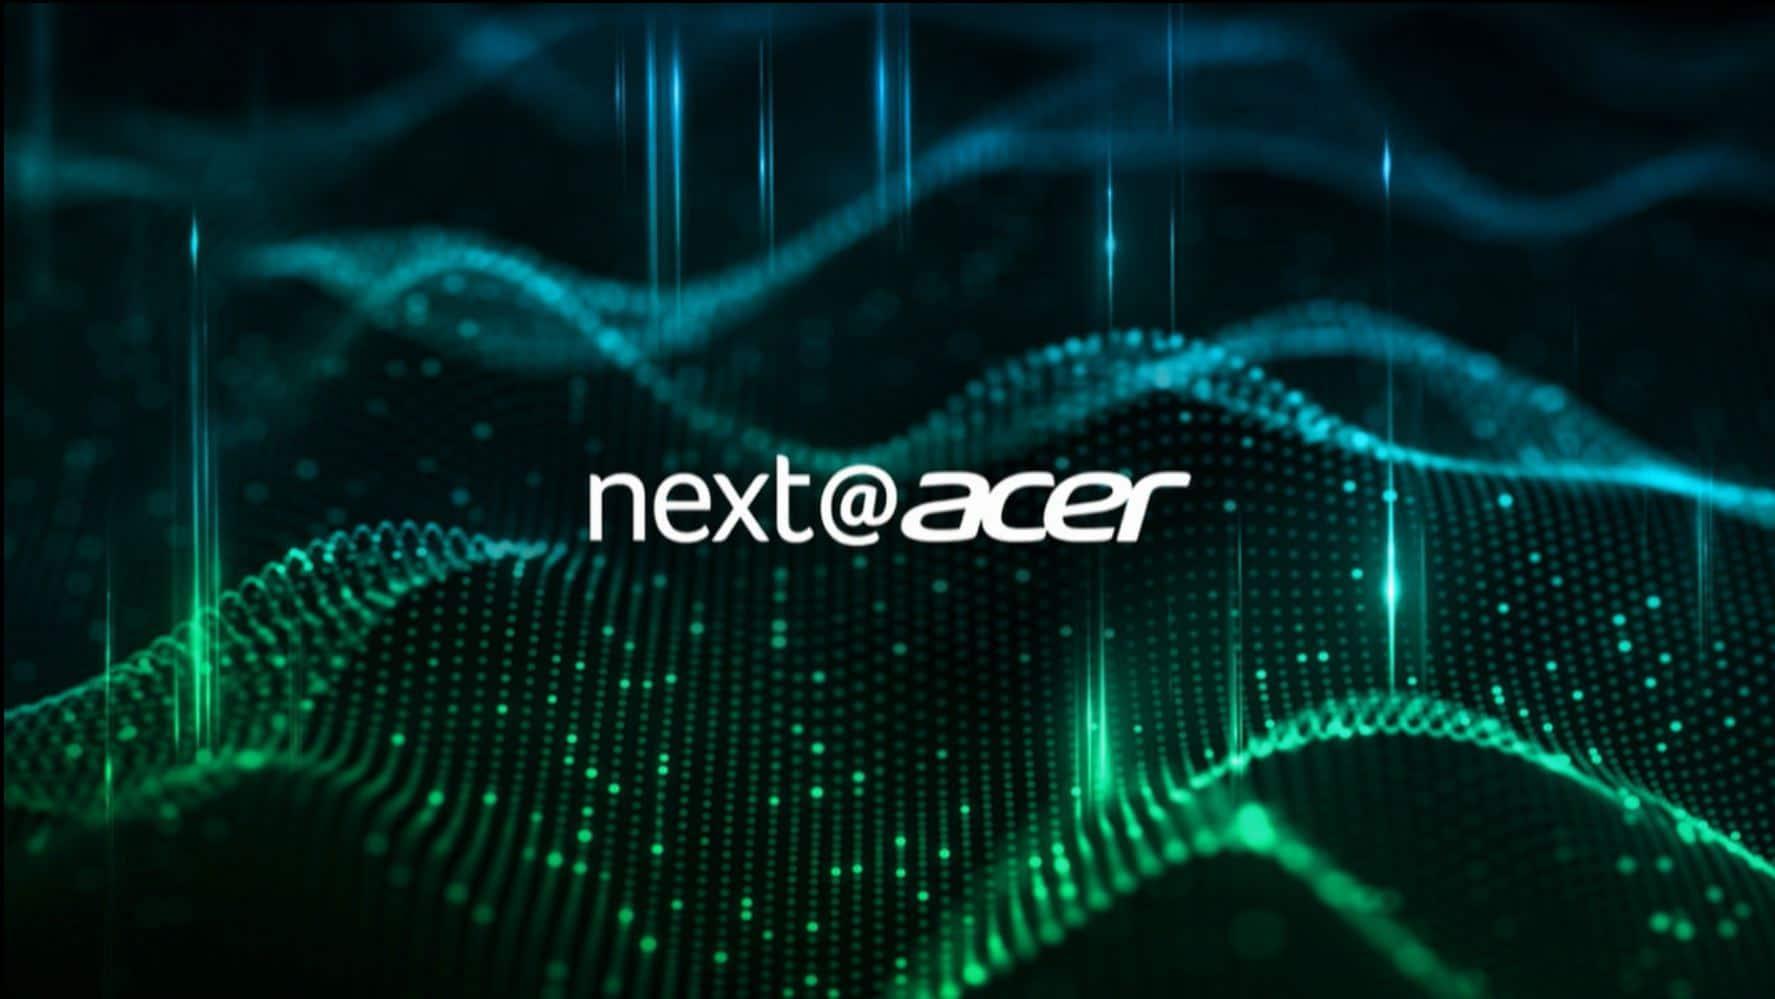 NextACER